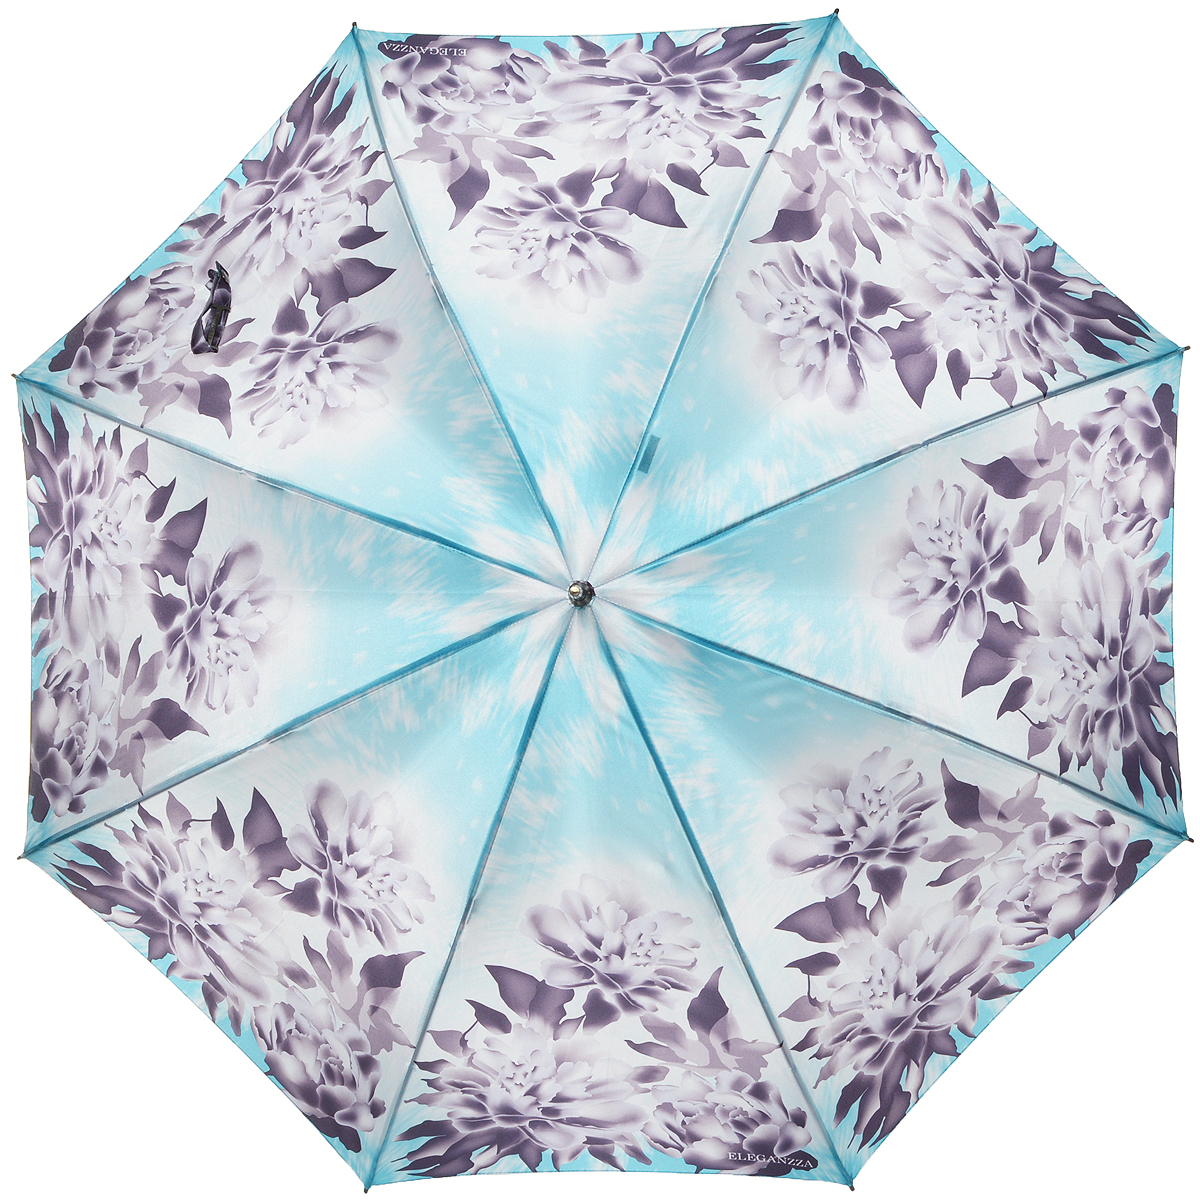 Зонт-трость женский Eleganzza, механика, цвет: голубой, тауп. T-06-0237Серьги с подвескамиЭлегантный женский зонт-трость Eleganzza не оставит вас незамеченной. Изделие оформлено оригинальным принтом в виде цветов. Зонт состоит из восьми спиц и стержня, изготовленных из стали и фибергласса. Купол выполнен из качественного полиэстера и сатина, которые не пропускают воду. Зонт дополнен удобной ручкой из акрила, которая имеет форму крючка. Также зонт имеет заостренный наконечник, который устраняет попадание воды на стержень и уберегает зонт от повреждений.Изделие имеет полуавтоматический механизм сложения: купол открывается нажатием кнопки на ручке, а складывается вручную до характерного щелчка.Оригинальный и практичный аксессуар даже в ненастную погоду позволит вам оставаться женственной и привлекательной.